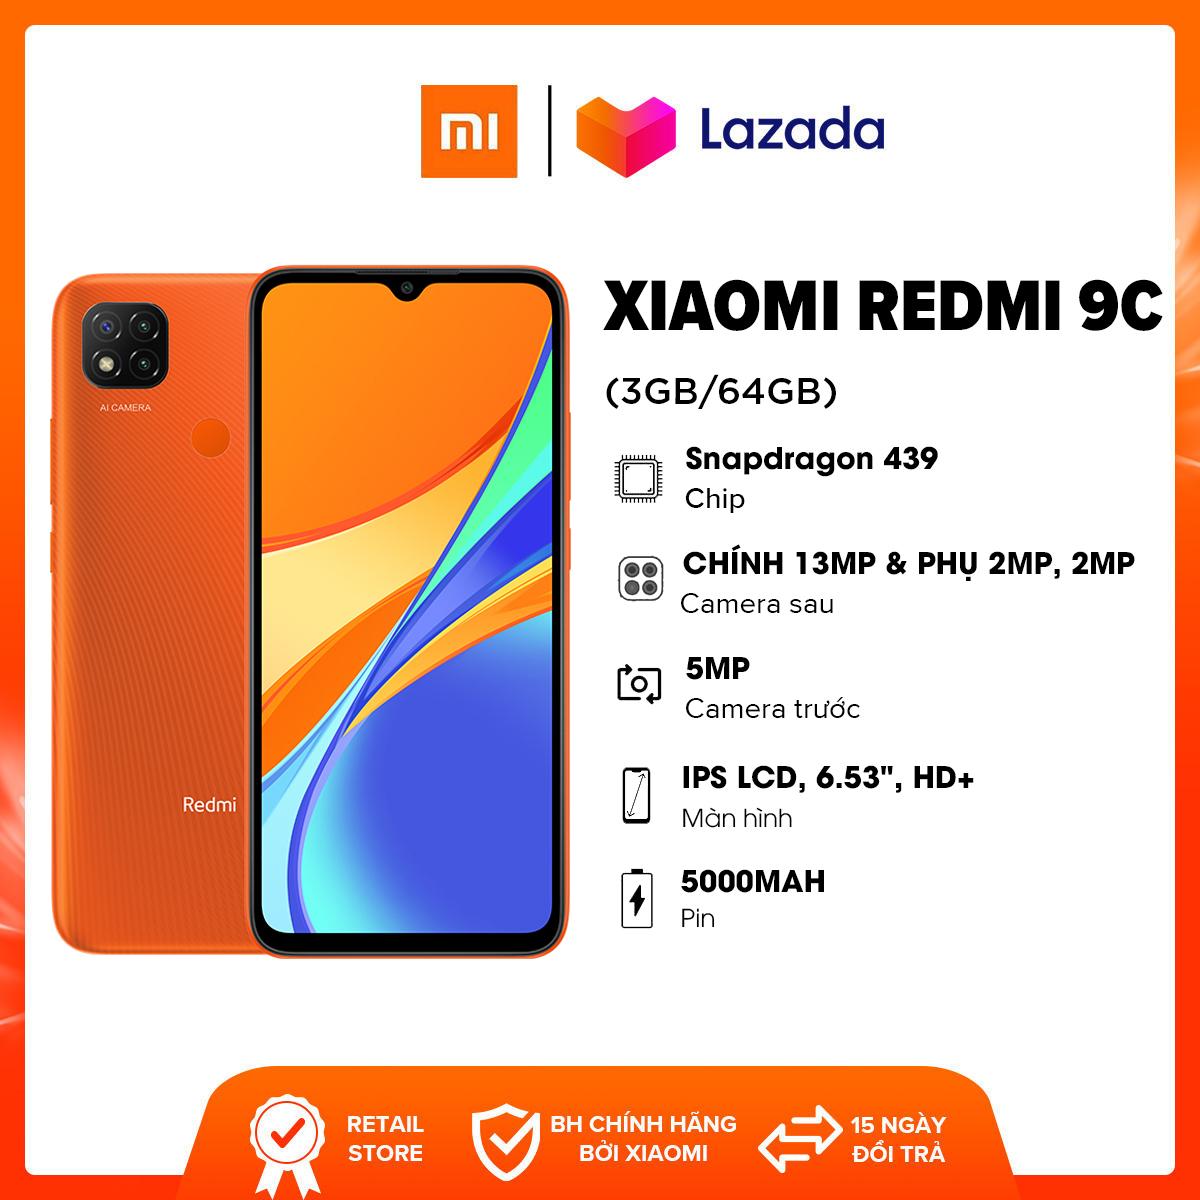 """Điện thoại Xiaomi Redmi 9C (3GB/64GB) - Chip MediaTek Helio G35 8 nhân Màn hình 6.53"""" HD+ Dung lượng Pin 5,000mAH Bảo hành chính hãng 18 tháng"""